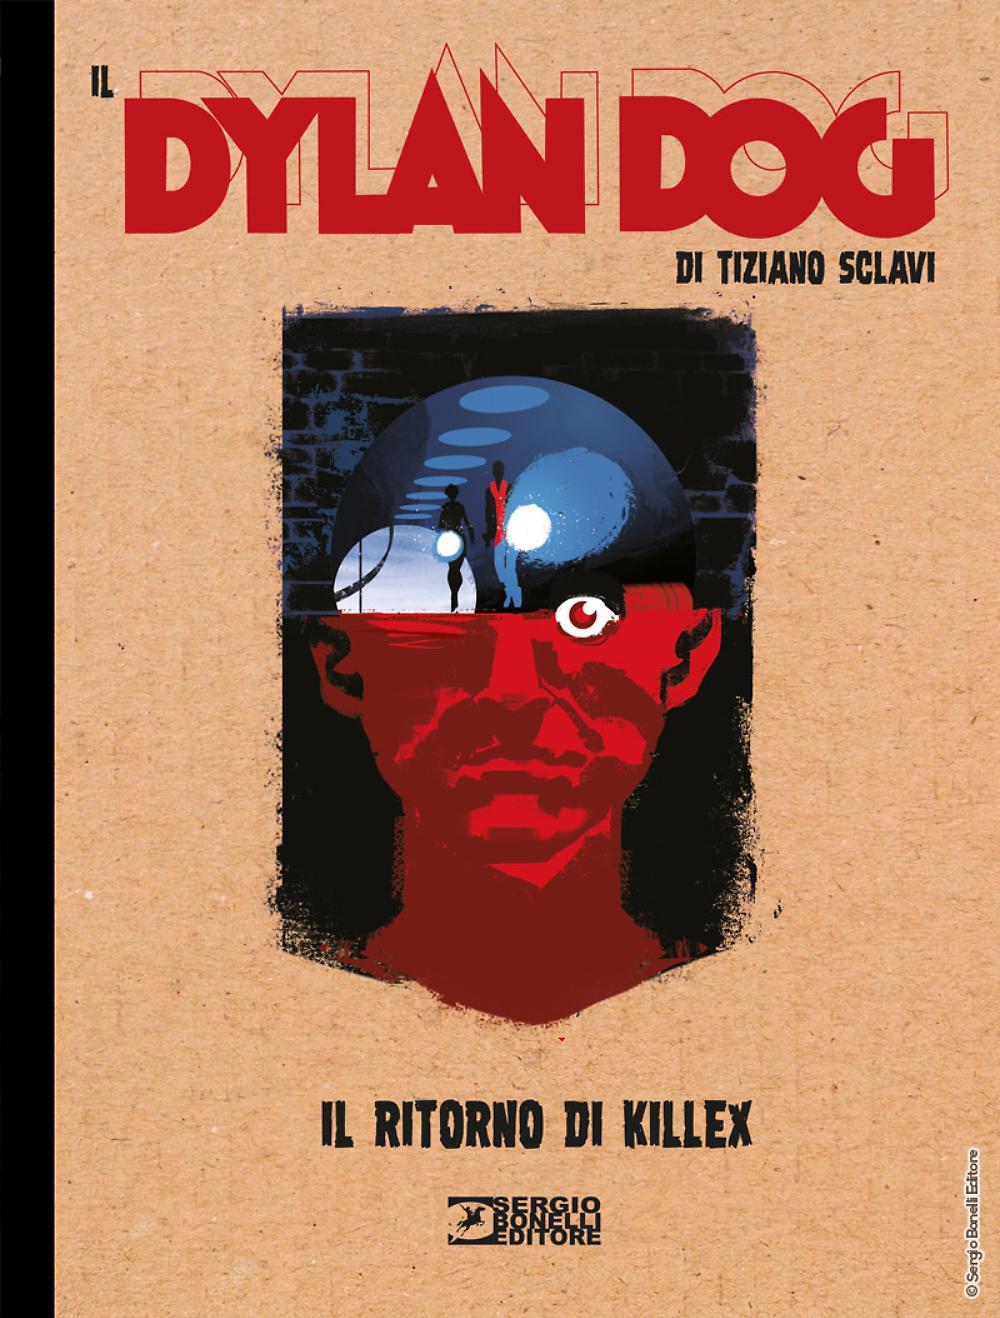 Il Dylan Dog di Tiziano Sclavi n. 11